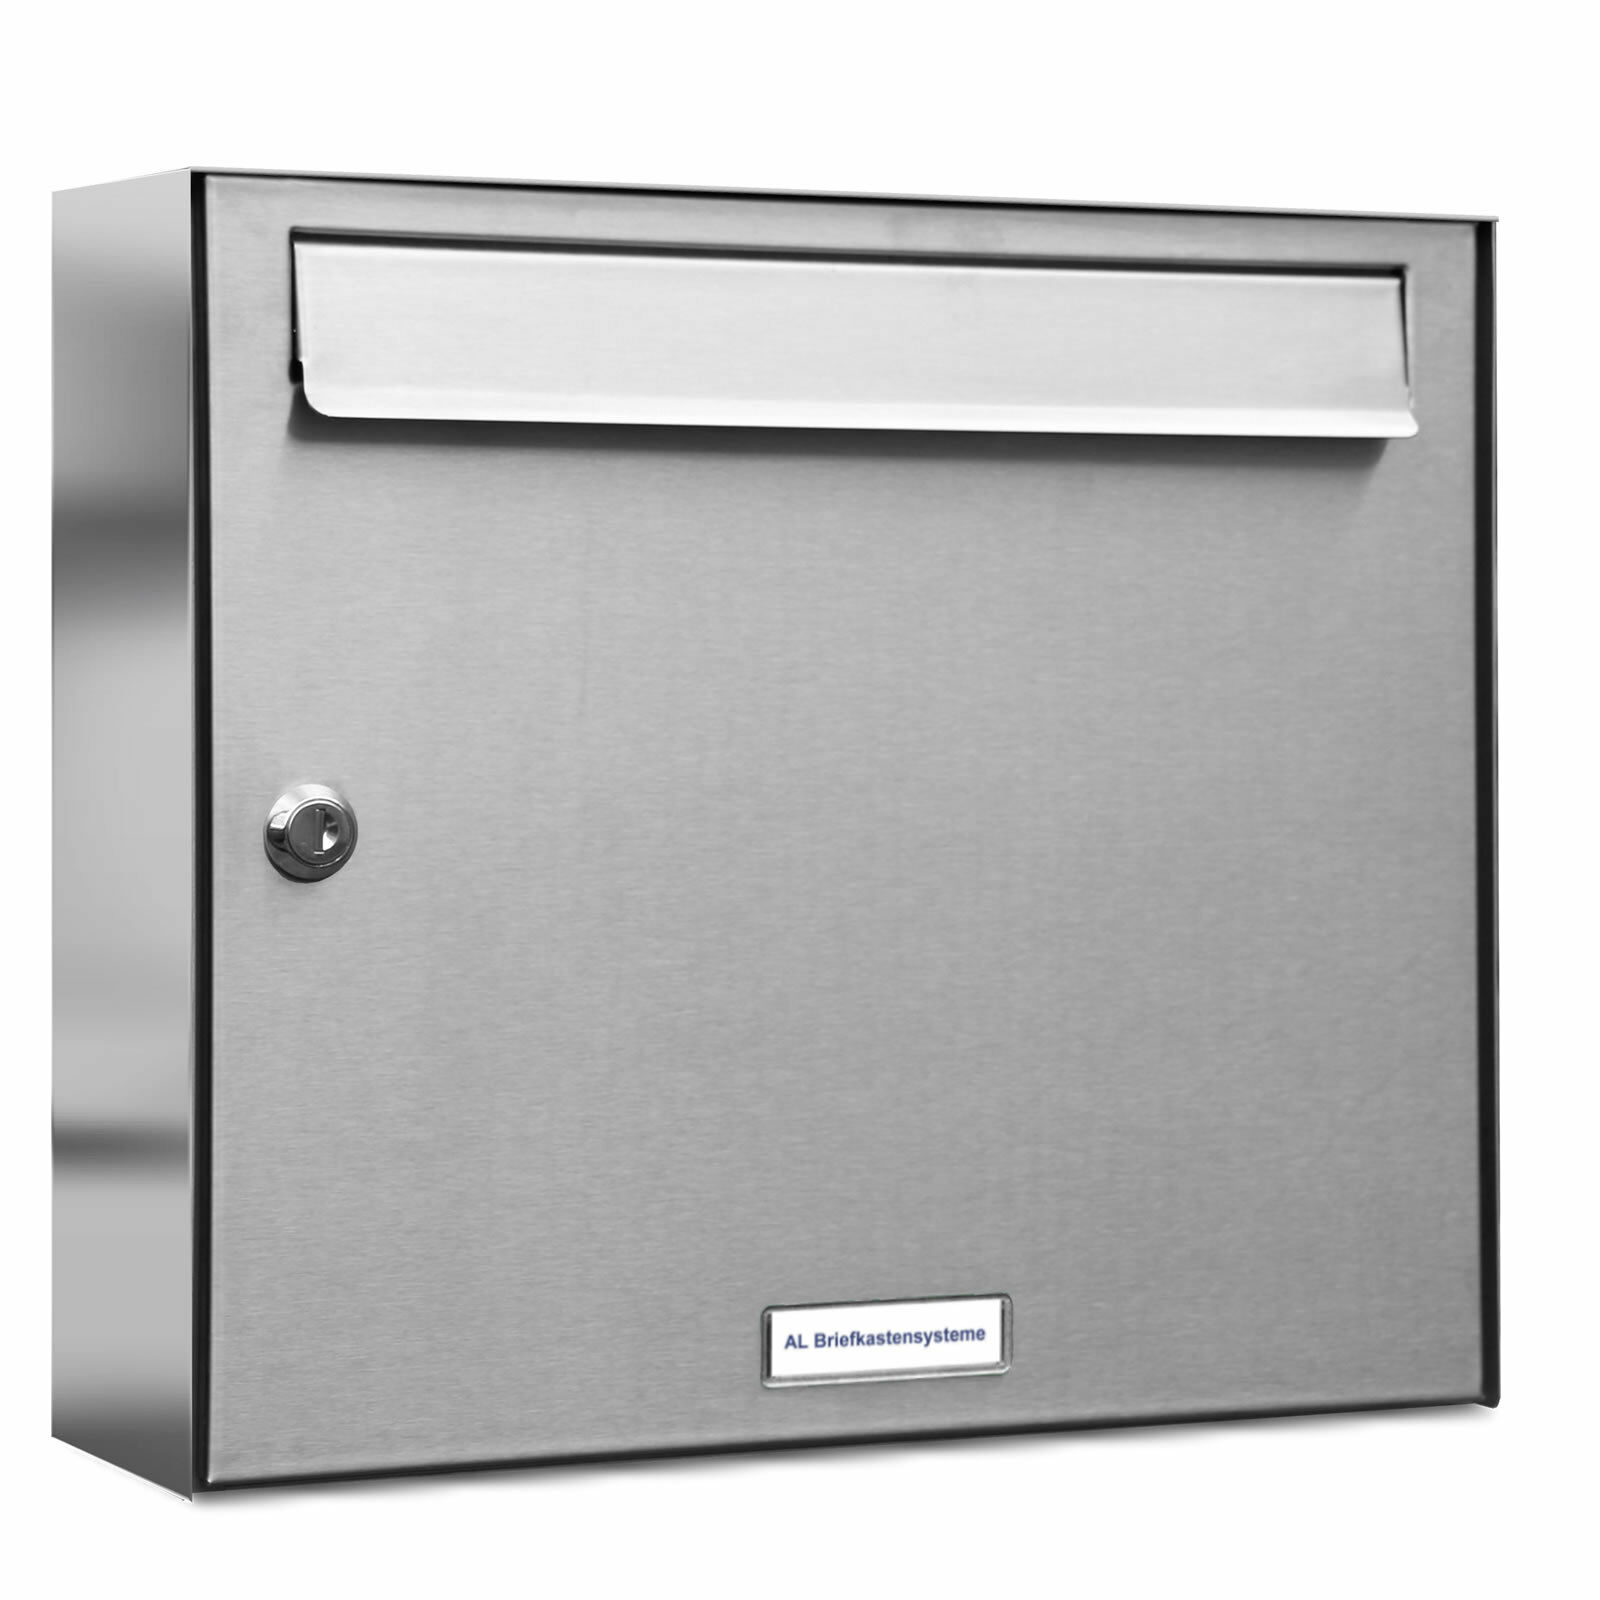 1 er Premium Edelstahl Wand Briefkasten Anlage A4 Design Postkasten